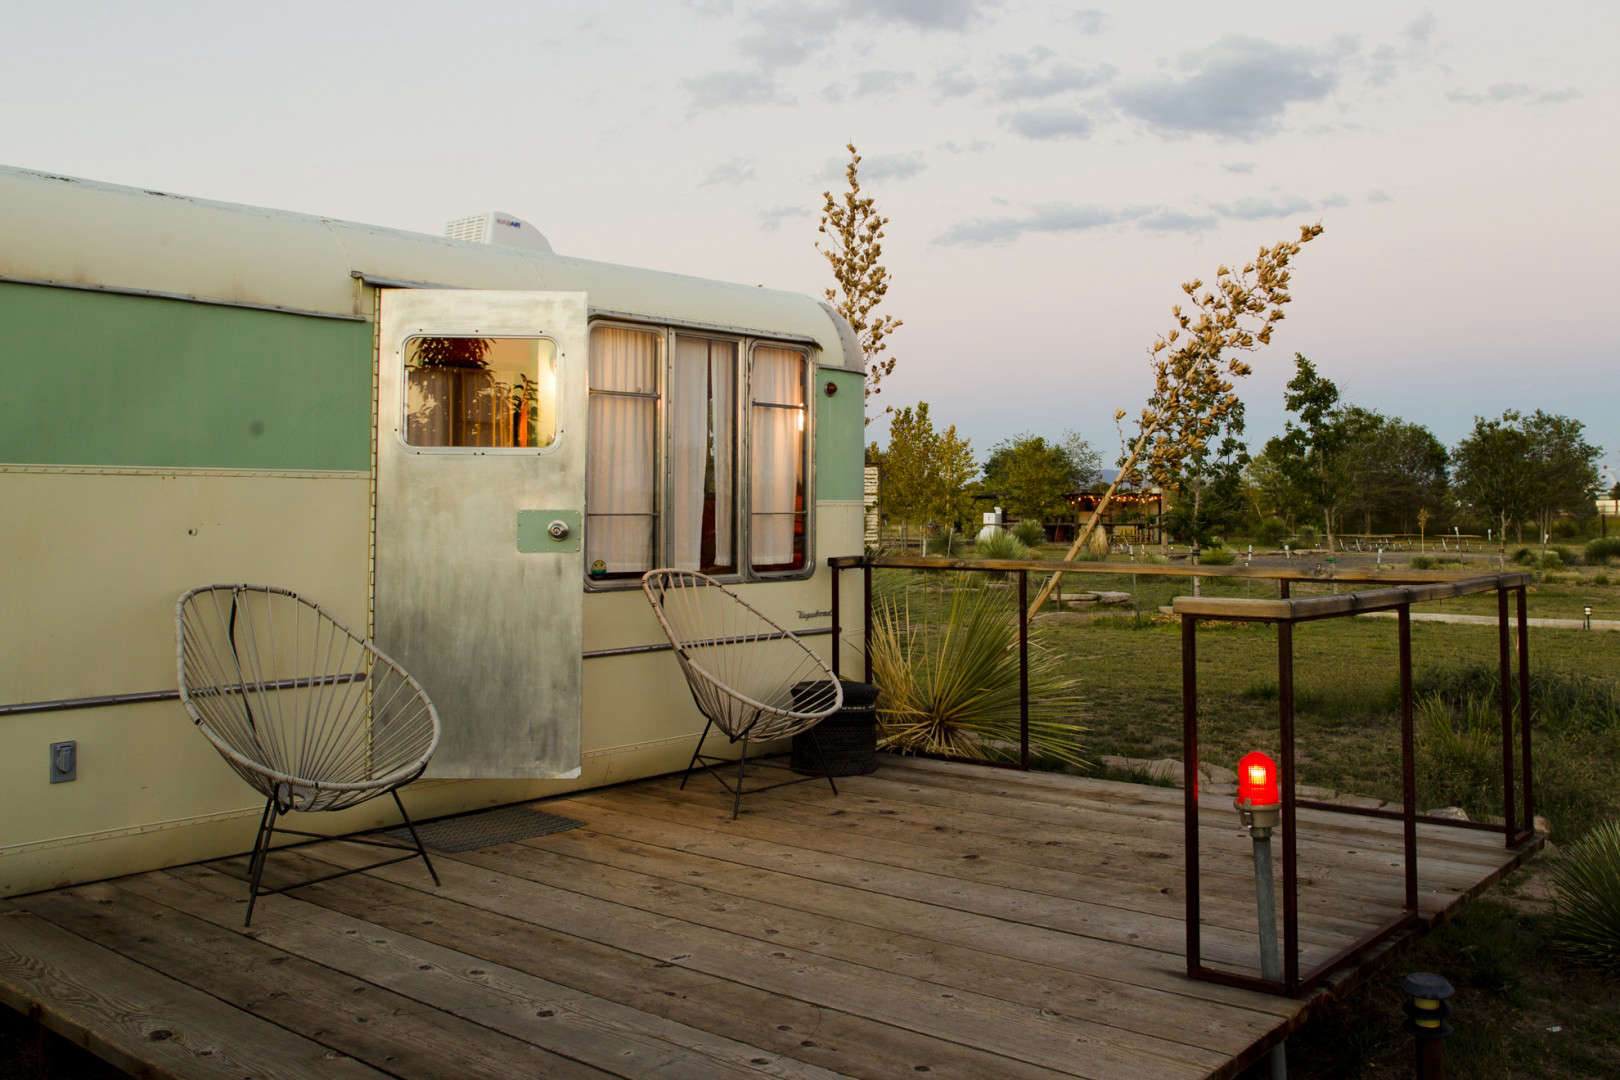 El Cosmico Hotel in Marfa, Texas